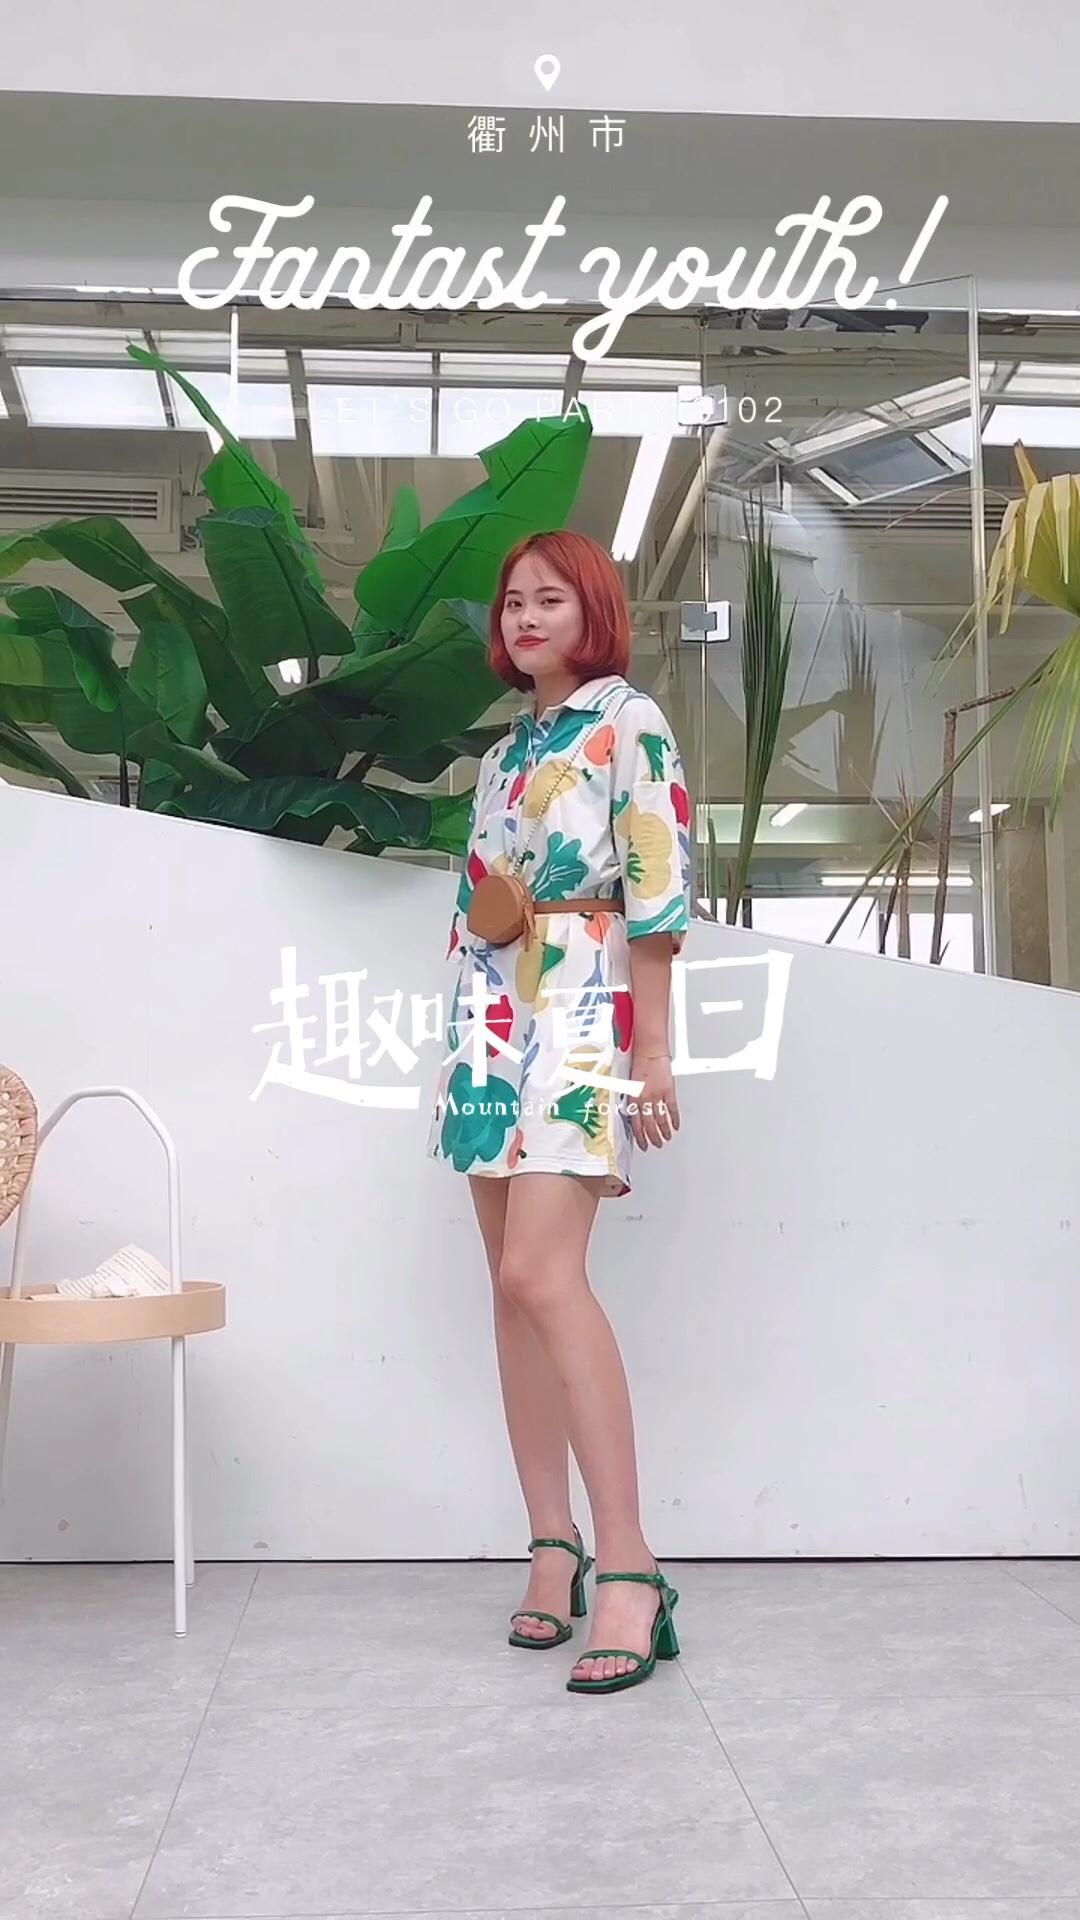 #蘑菇街新品测评# 花色的连衣裙 衬衫单穿也无敌好看啦 配上腰包收腰显瘦 趣味印花非常适合夏天哟